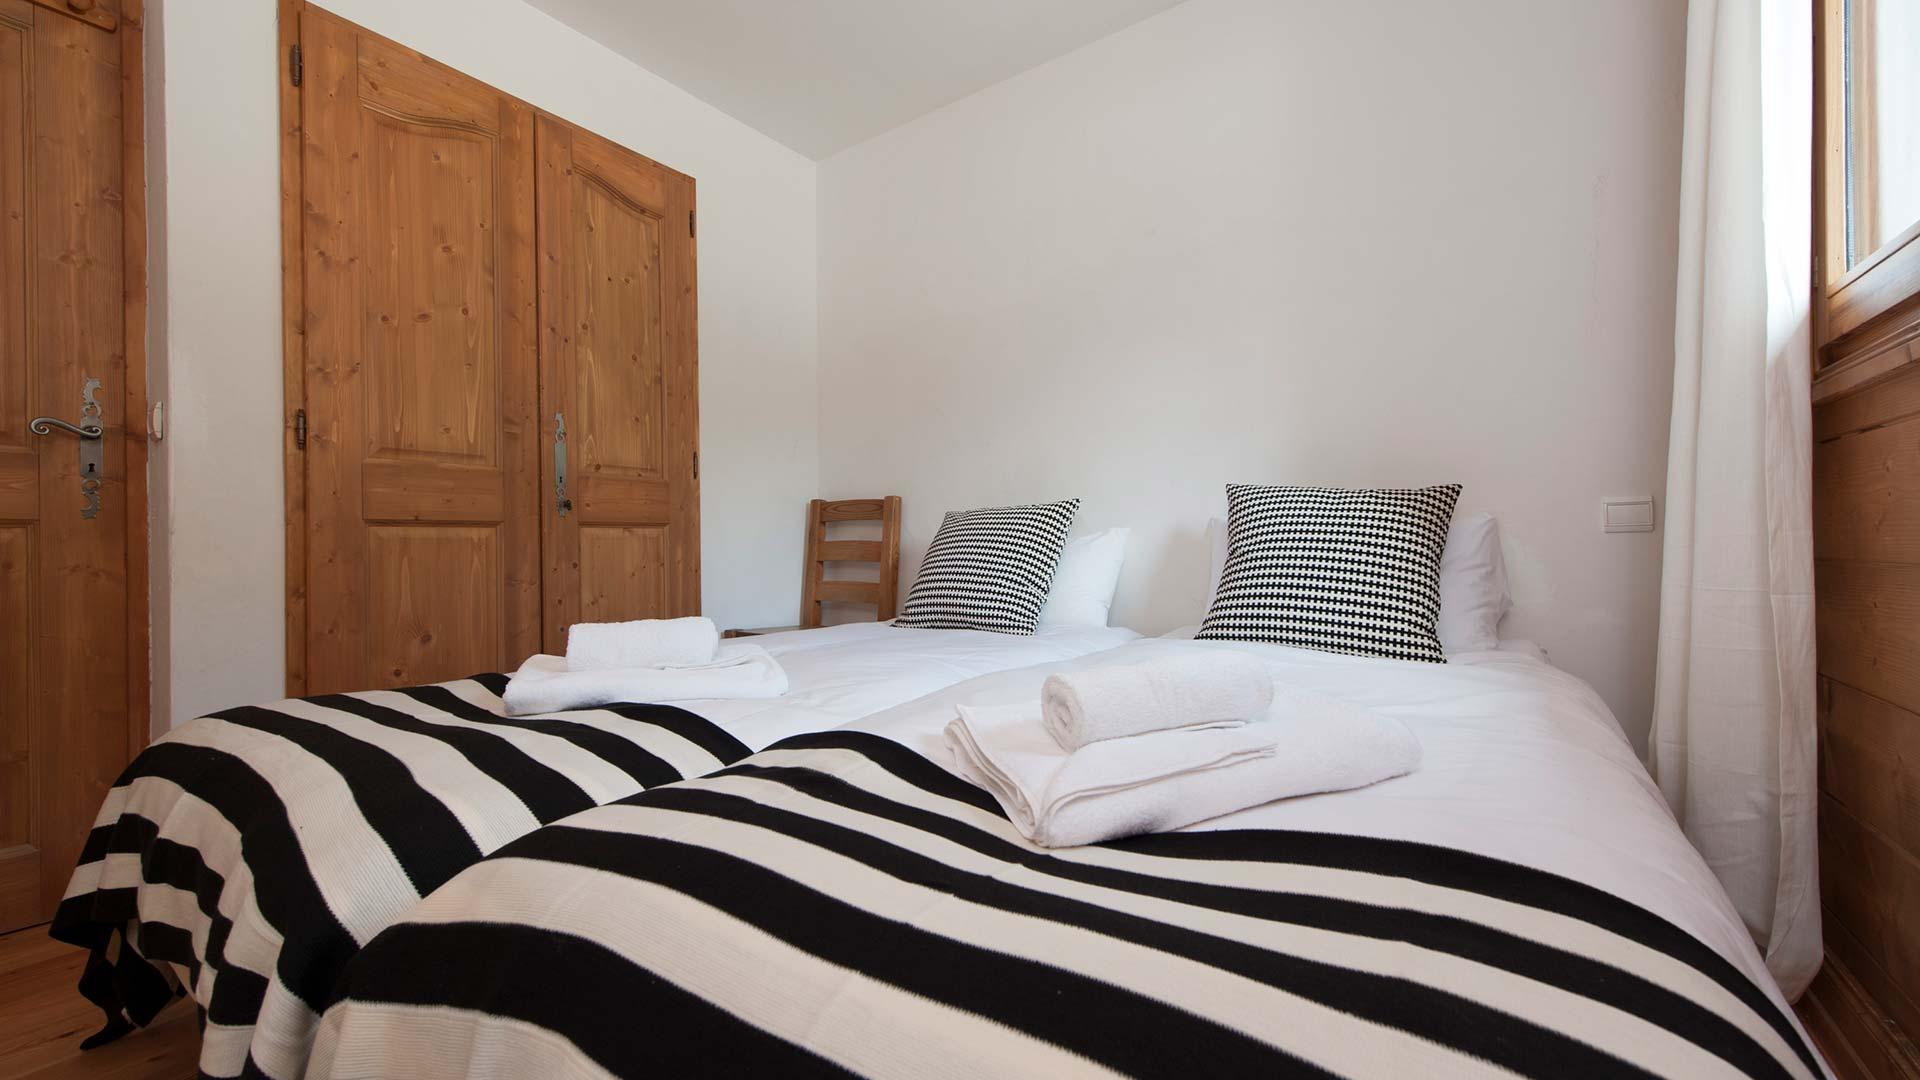 Premiere Neige Apartment Agneau bedroom, sleeps 4, self catering., sleeps 4, self catering.